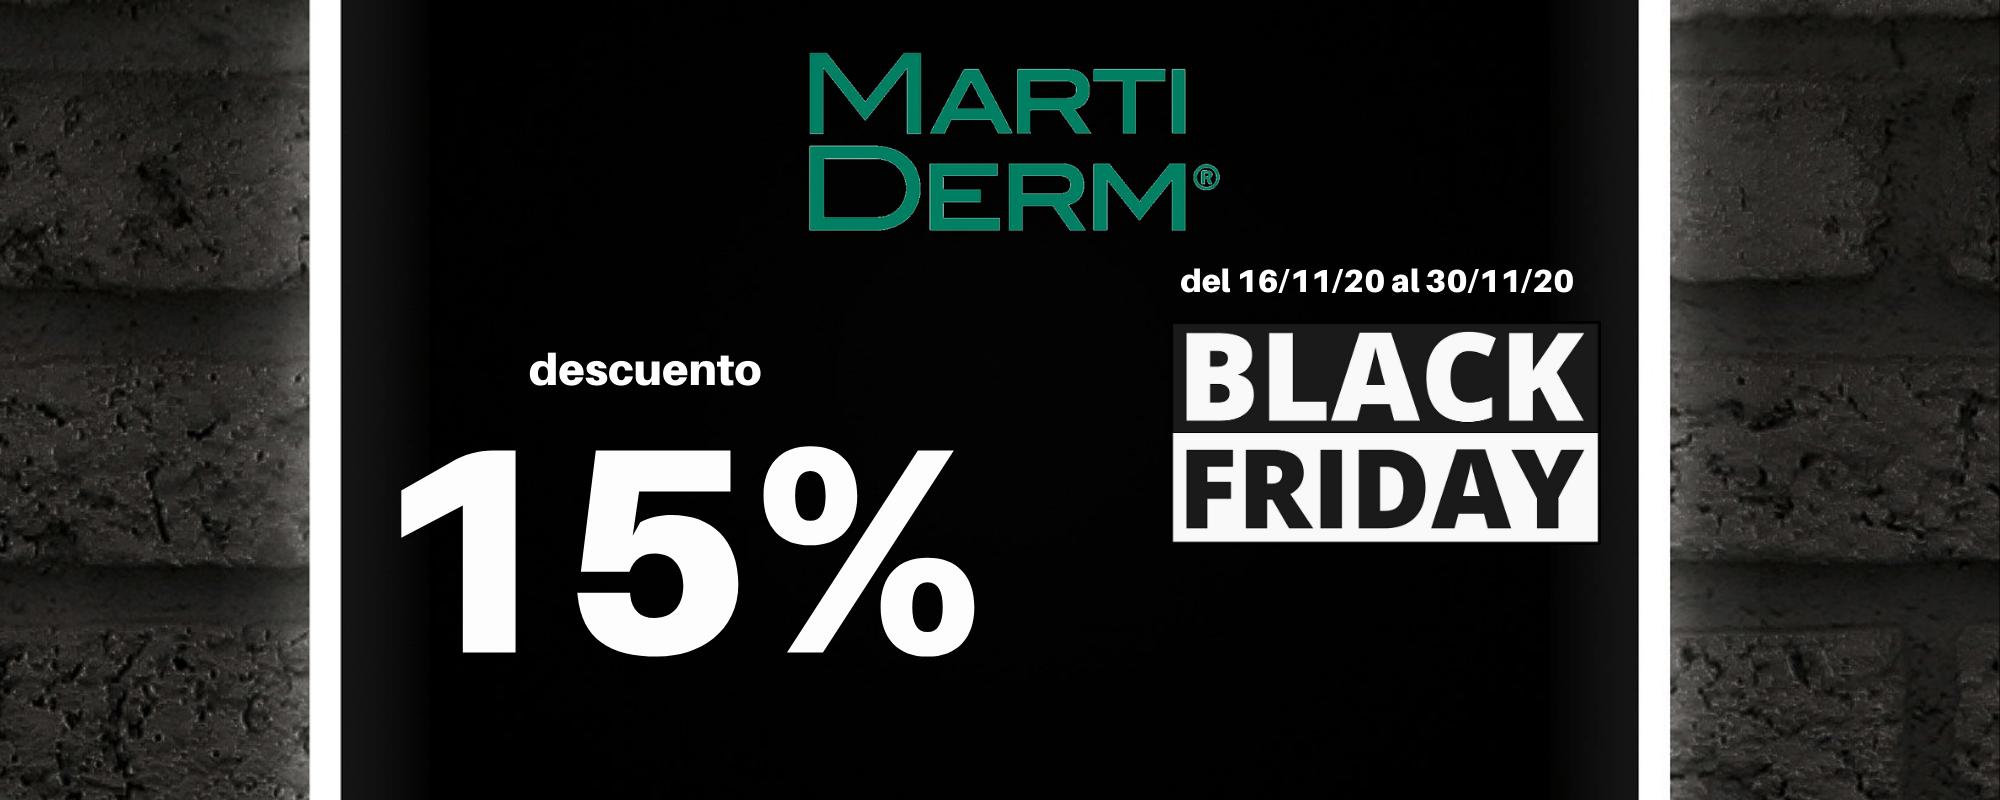 Banner Black Friday Martiderm Farmacia Ciudad Alta